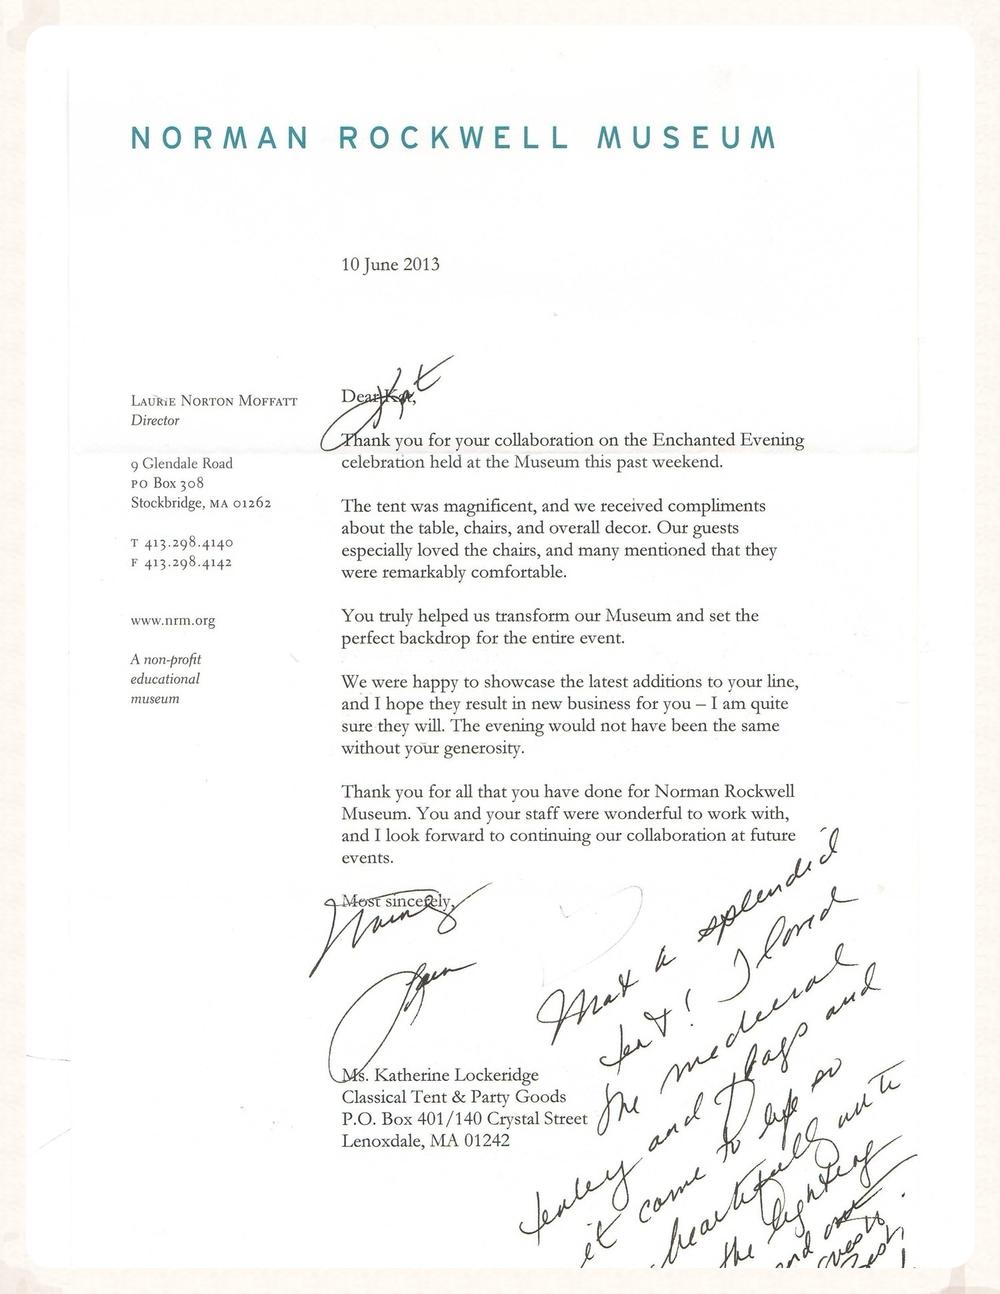 NRW letter.JPG